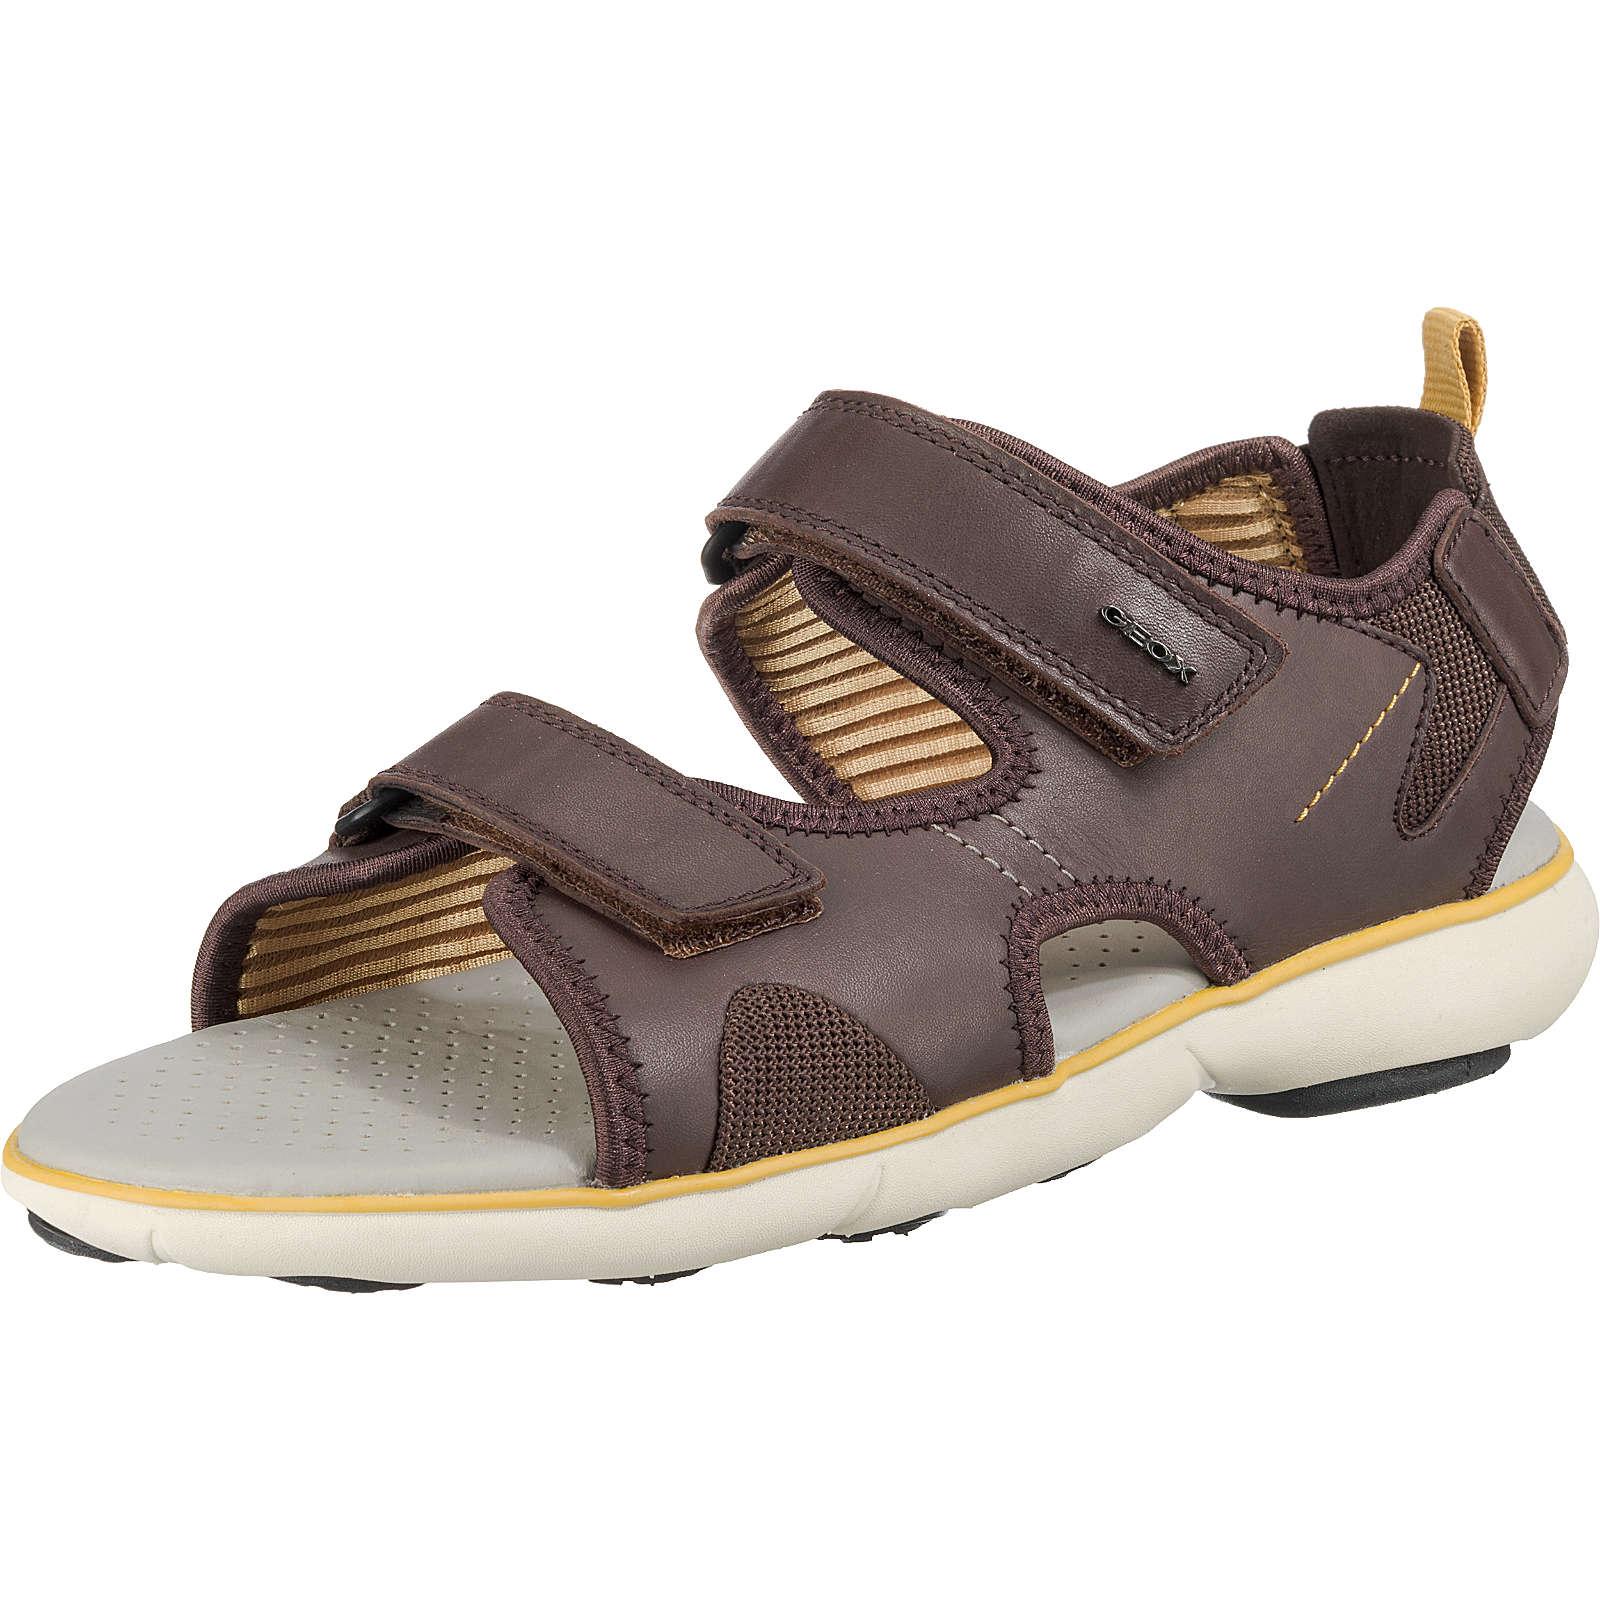 GEOX Komfort-Sandalen braun Herren Gr. 44